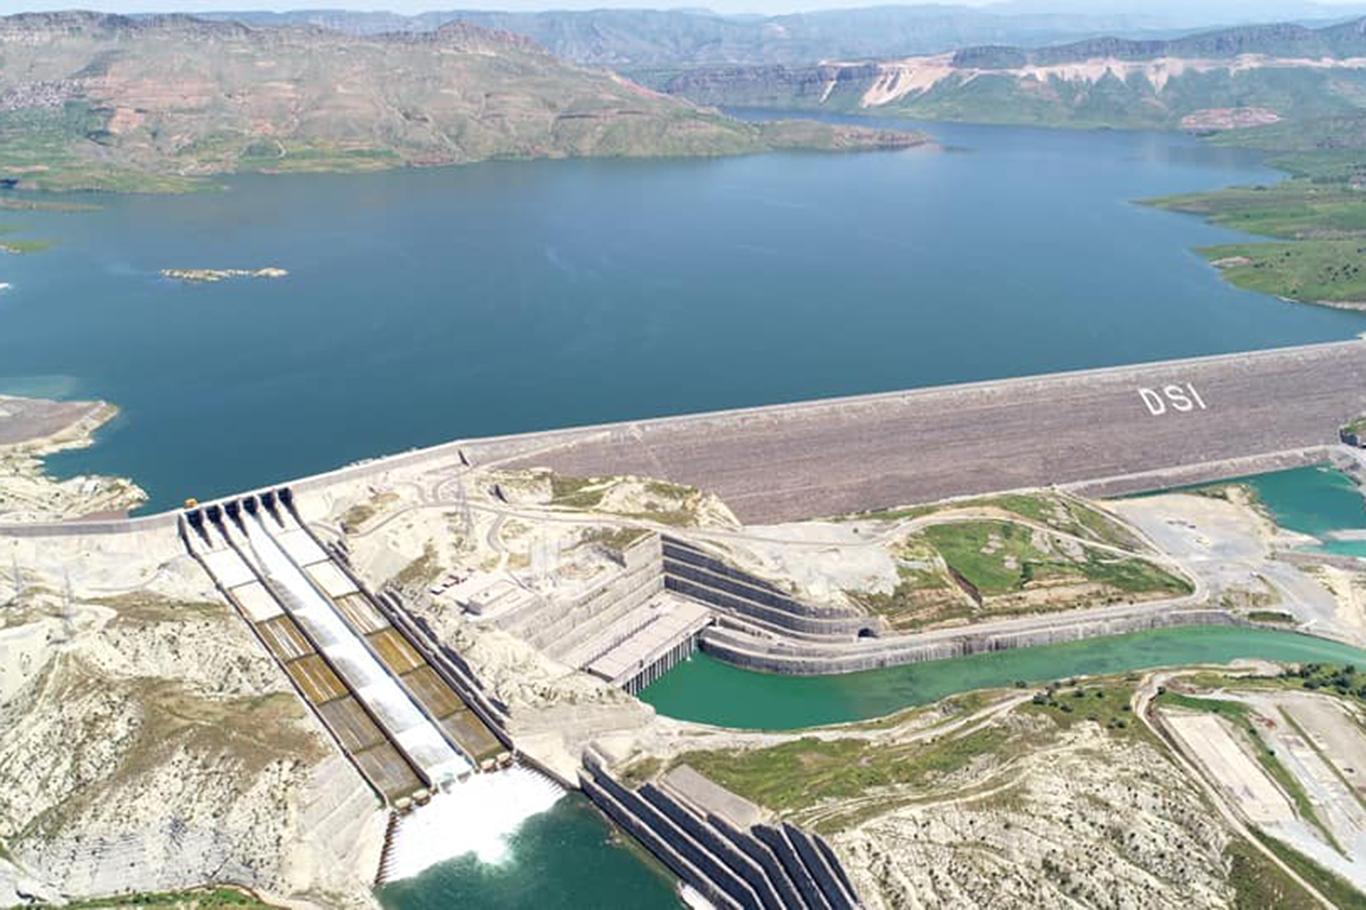 DSİ: Ilısu Barajı, ülkemizin 3üncü büyük depolama hacmine sahip.